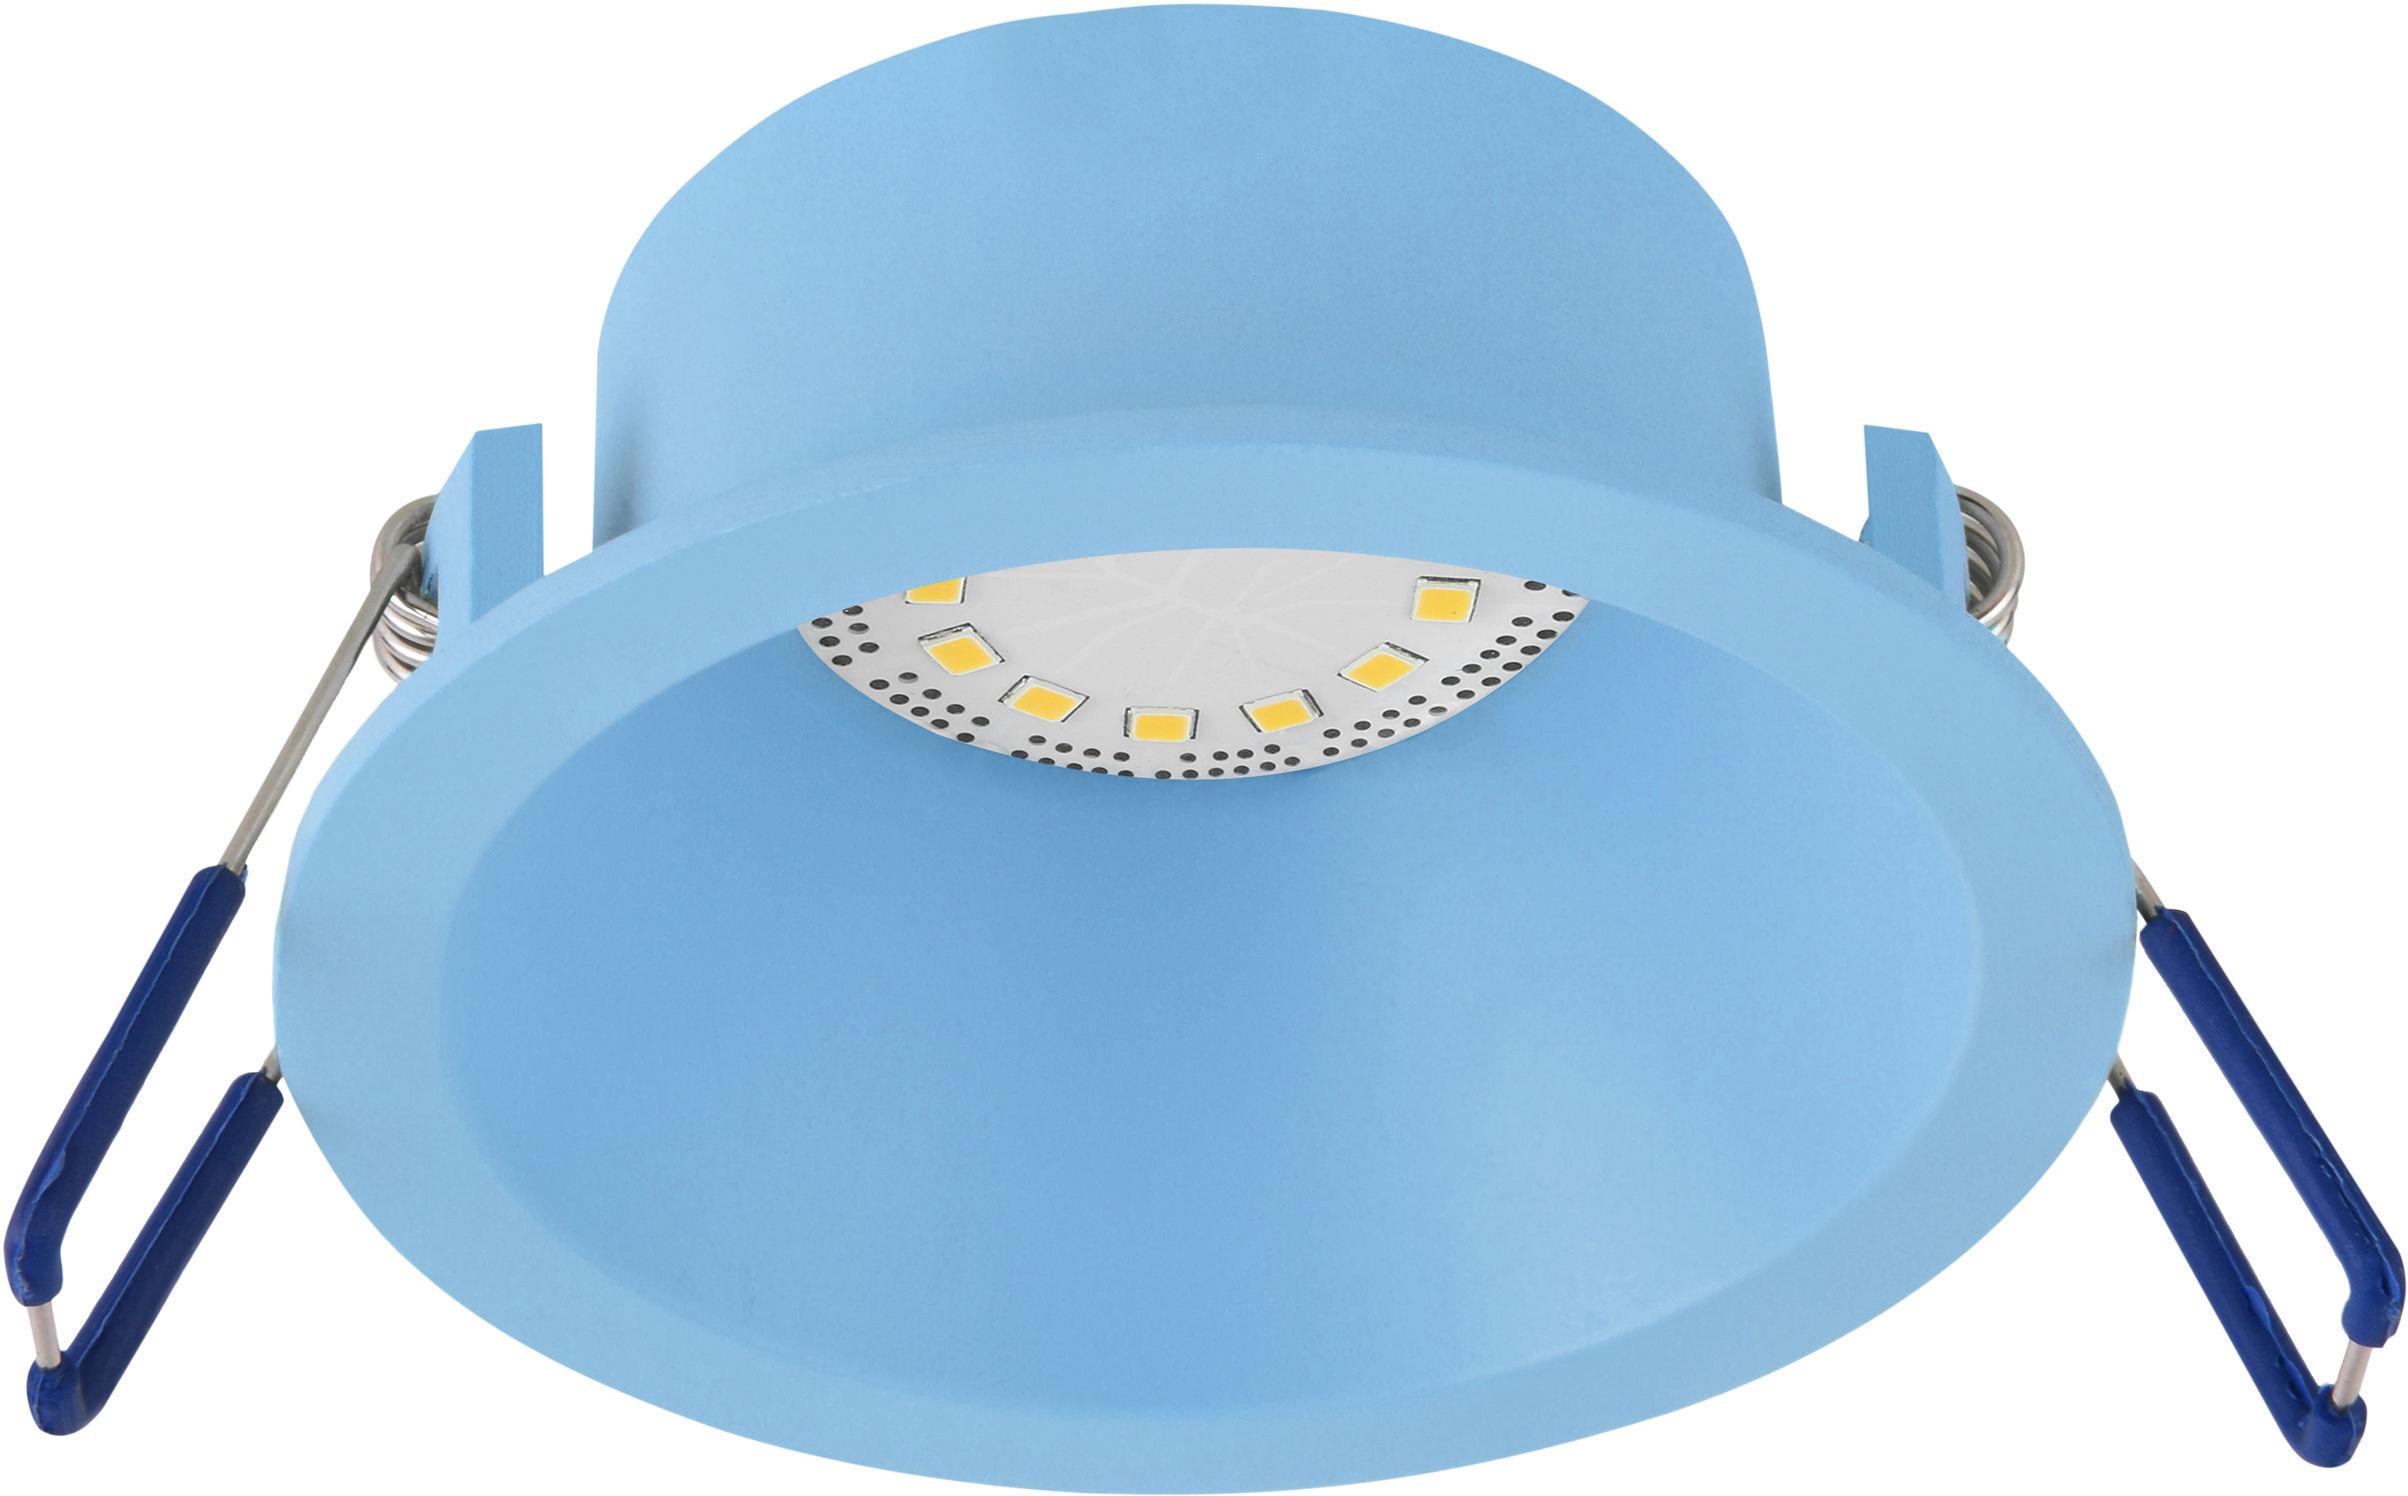 Candellux SA-12 BL 2268736 oprawa do wbudowania niebieska GU10 MAX 35W 230V oczko sufitowe min.7,4cm